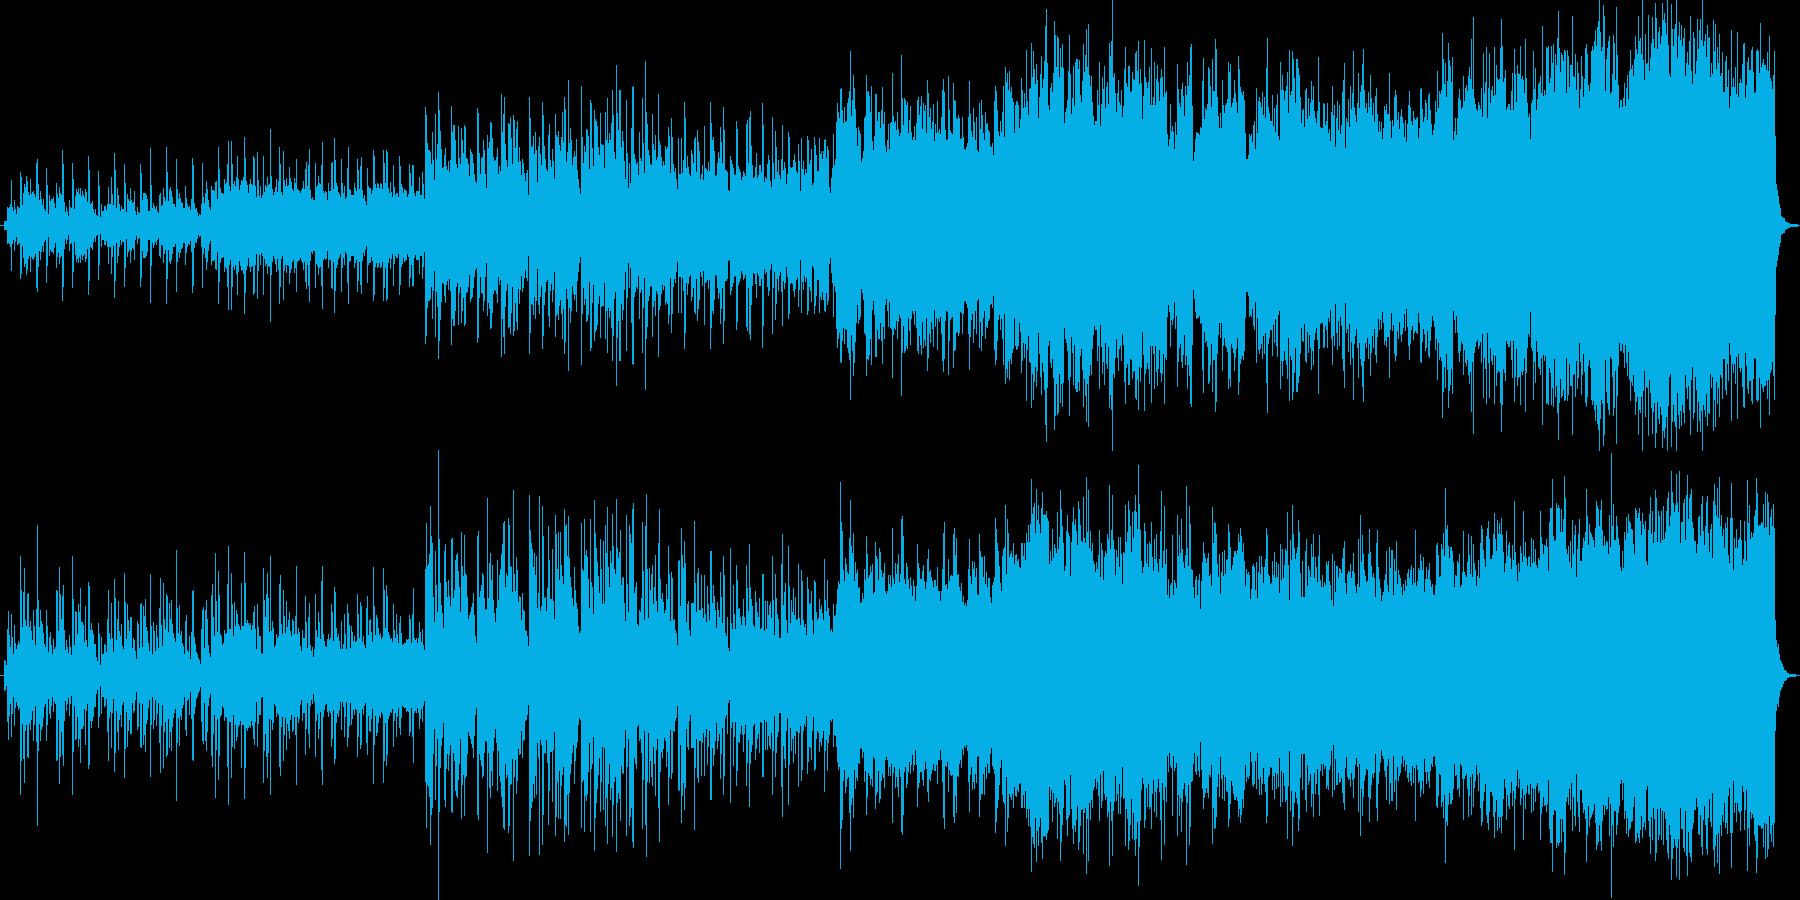 癒し系バラード。切なく盛り上がるBGMの再生済みの波形